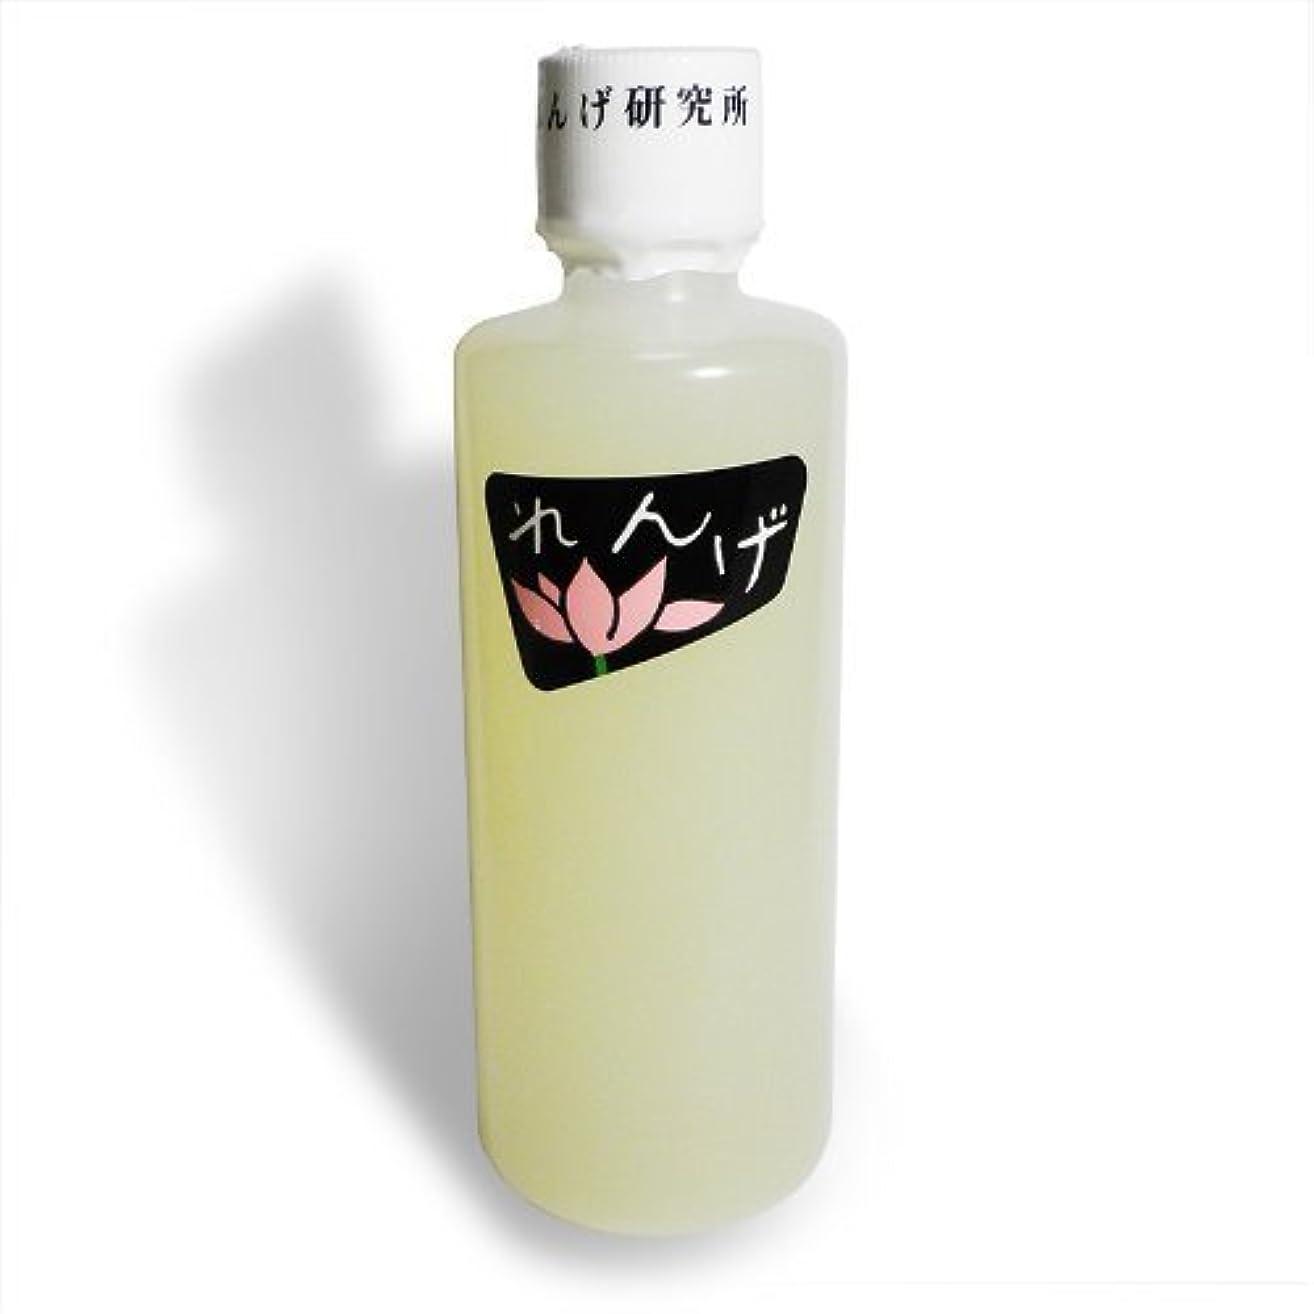 留まる奇妙なカスタムれんげ研究所 れんげ化粧水 140cc×3本